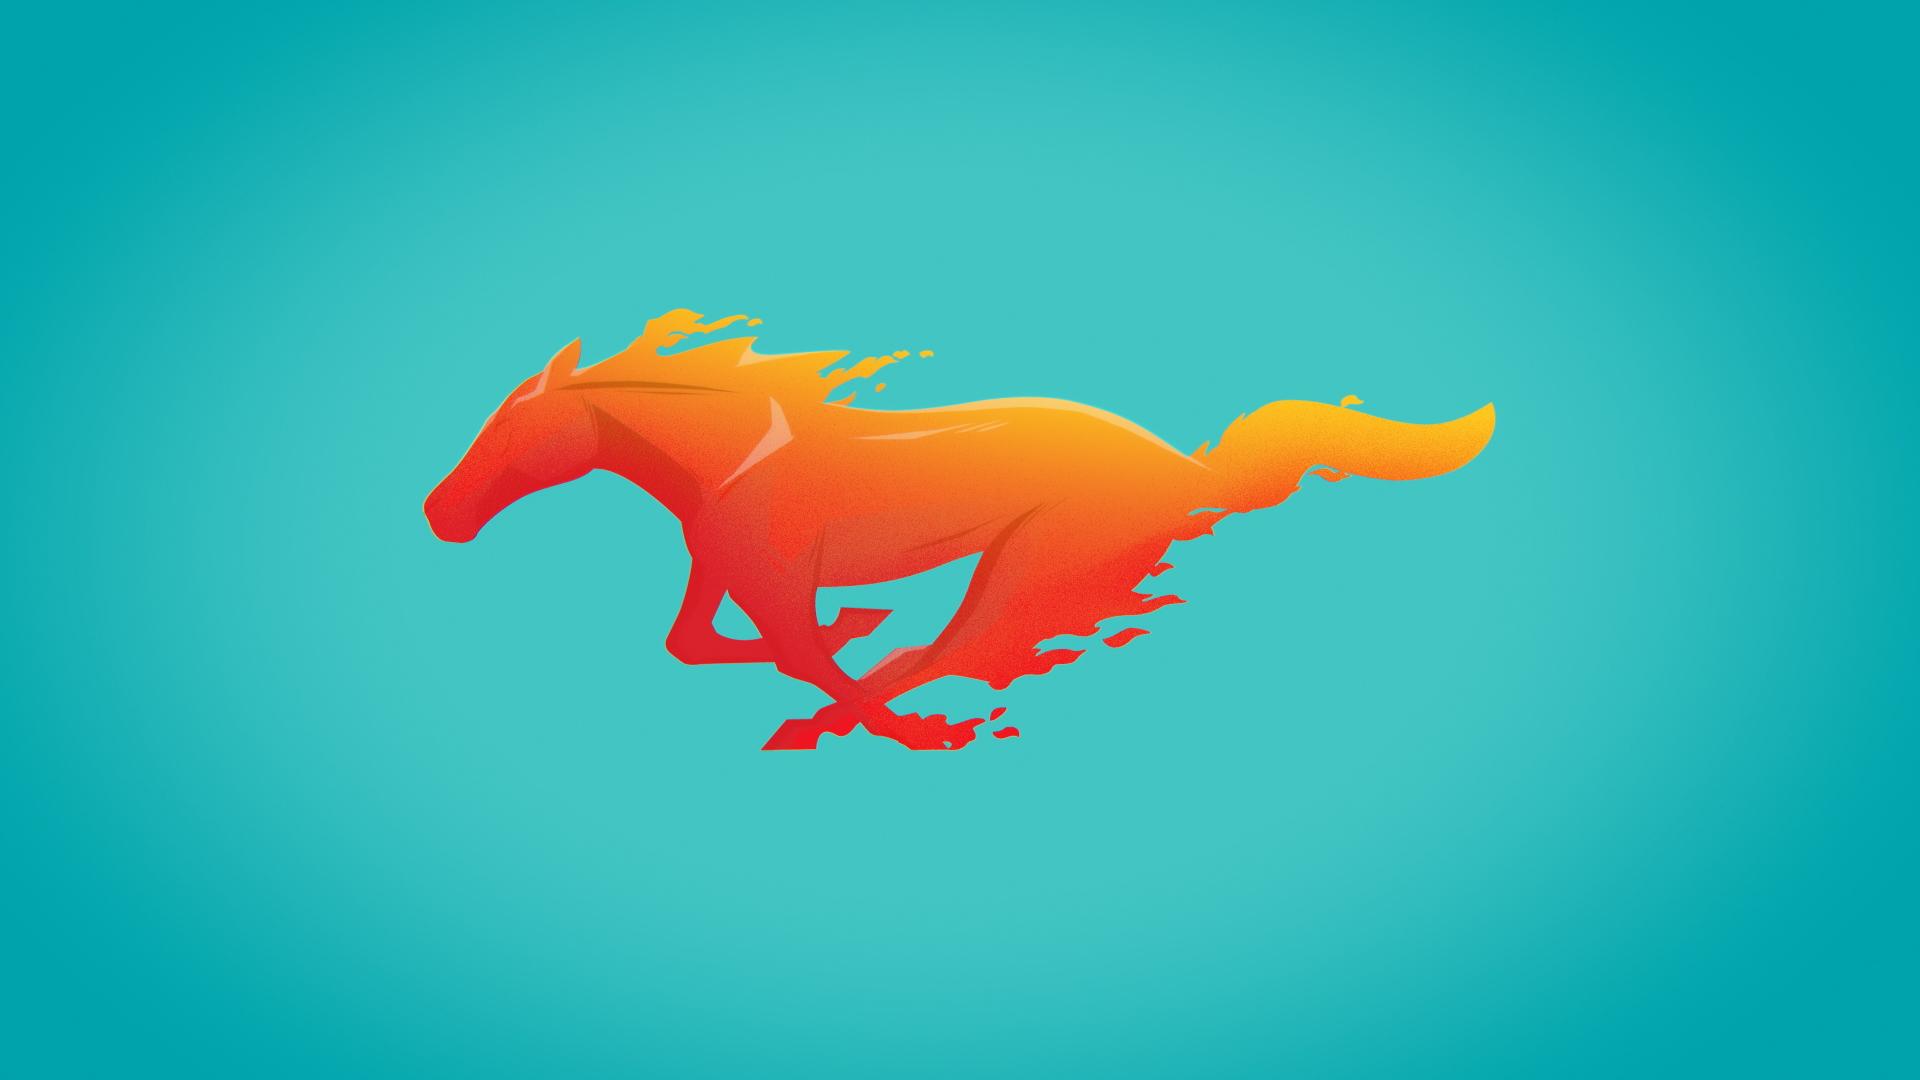 DAAM_Mustang_01.jpg